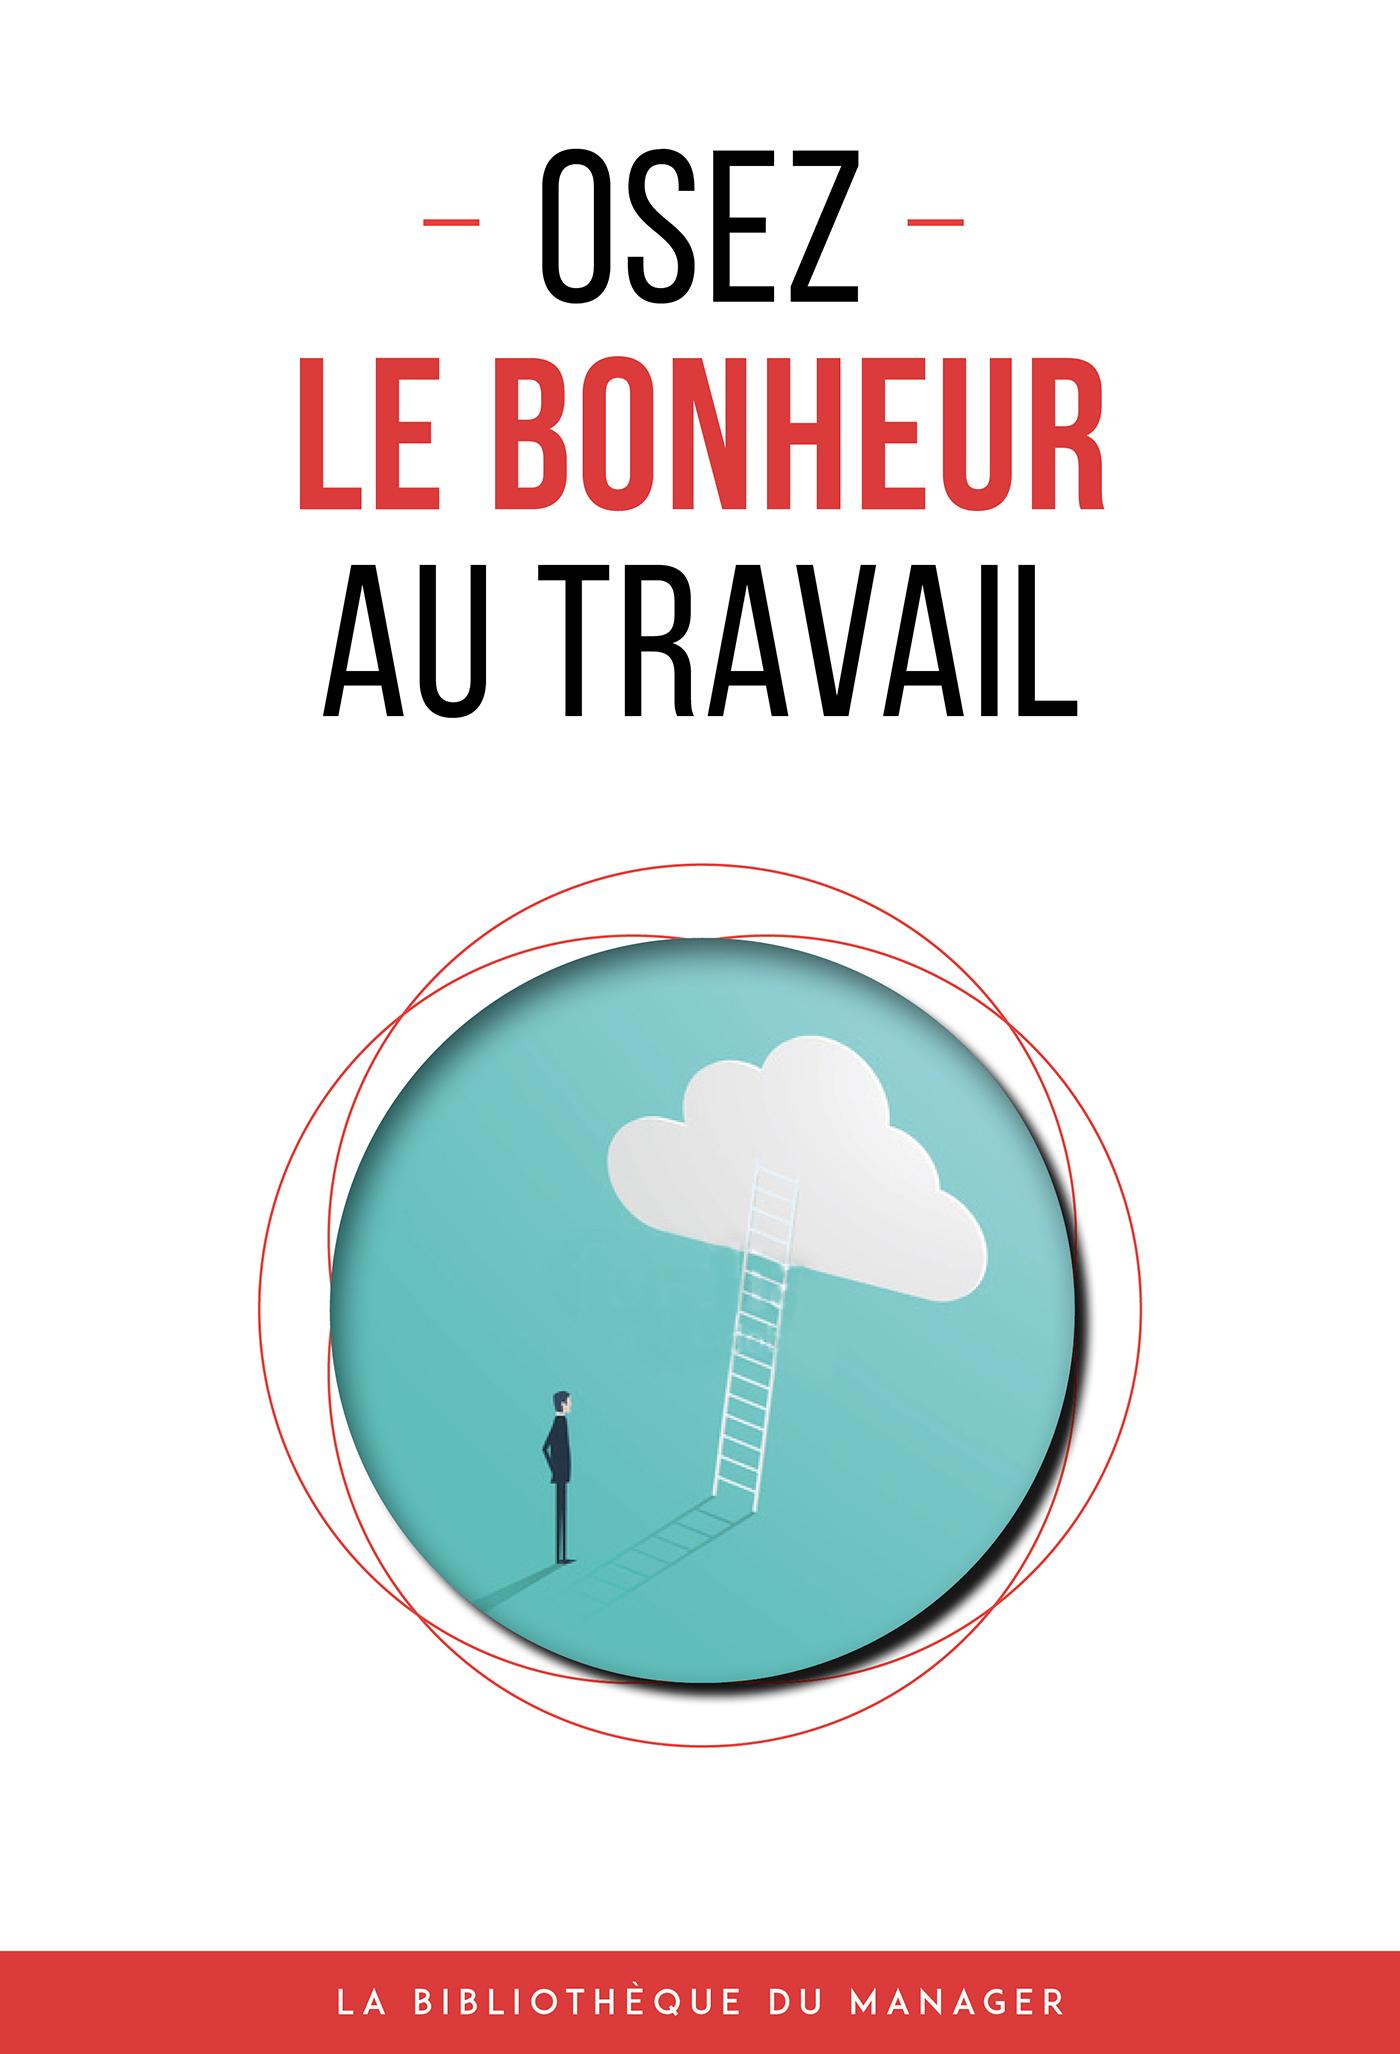 OSEZ LE BONHEUR AU TRAVAIL